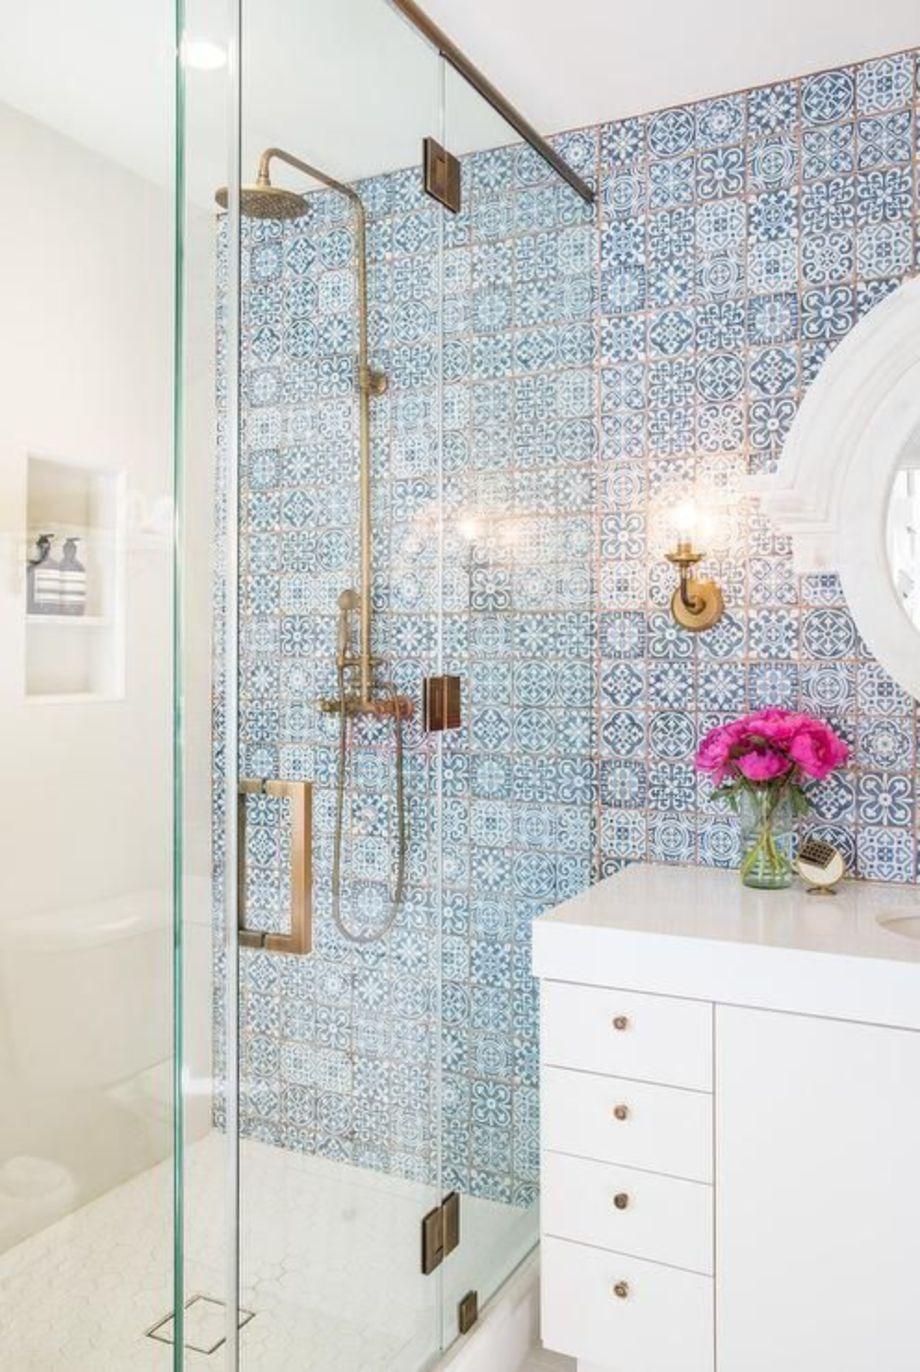 Modern small bathroom tile ideas 058 | Small bathroom tiles, Modern ...